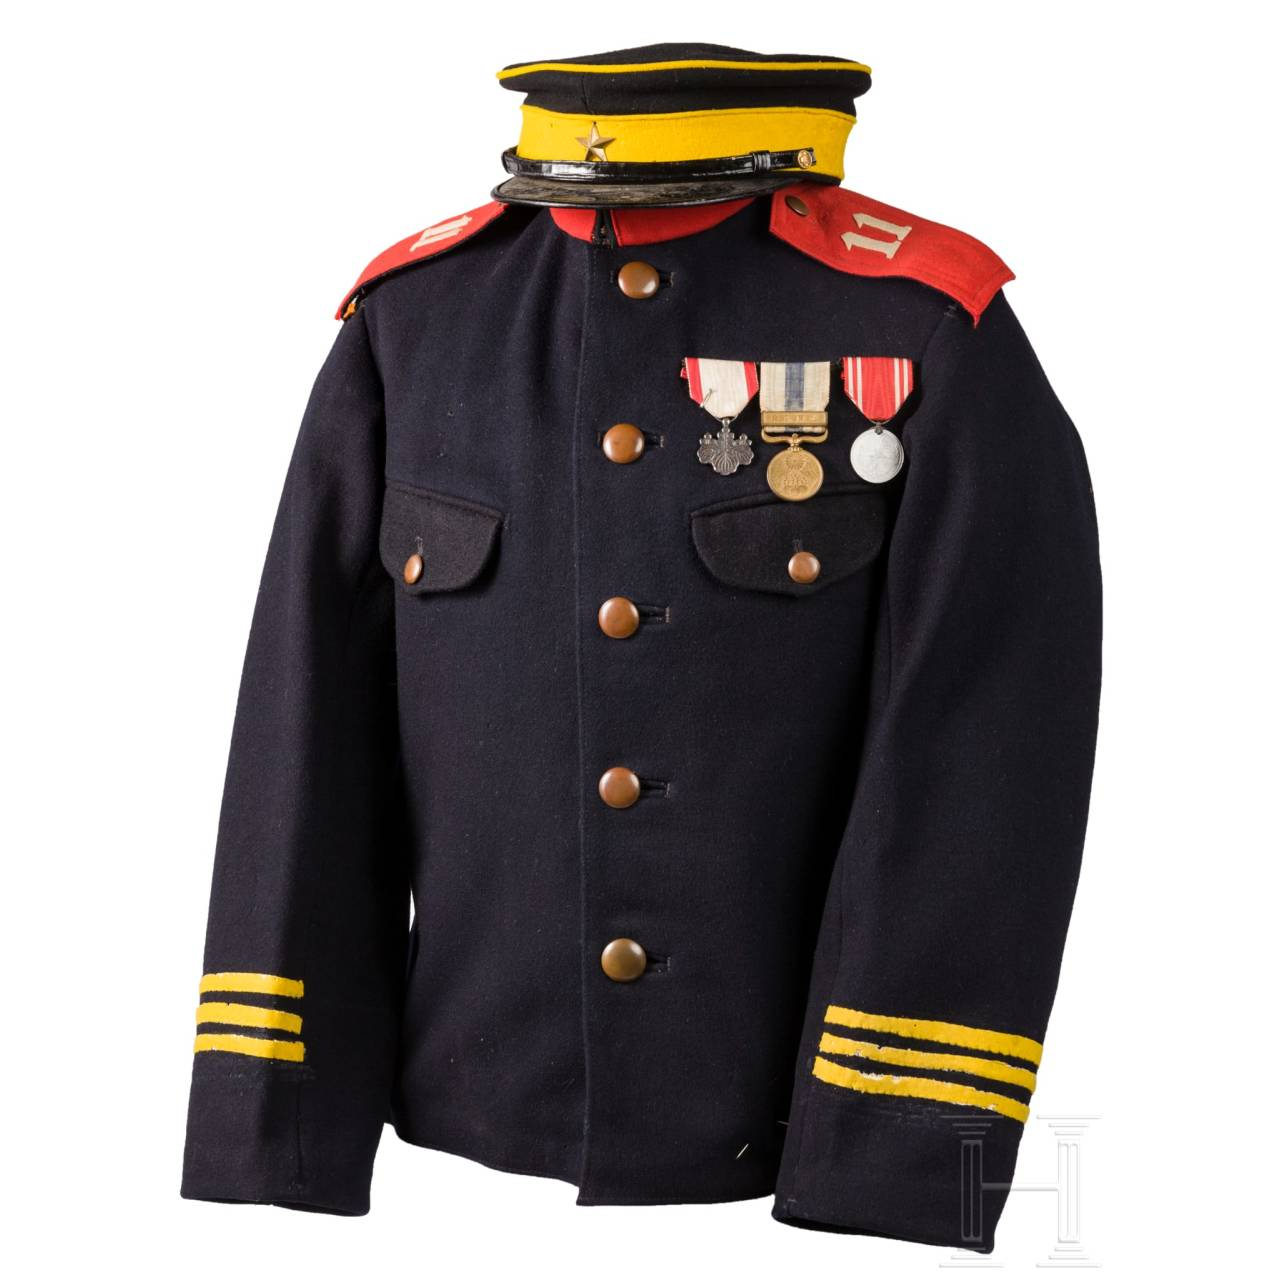 Uniform eines Armee-Unteroffiziers aus dem Russisch-Japanischen Krieg 1904 – 1905